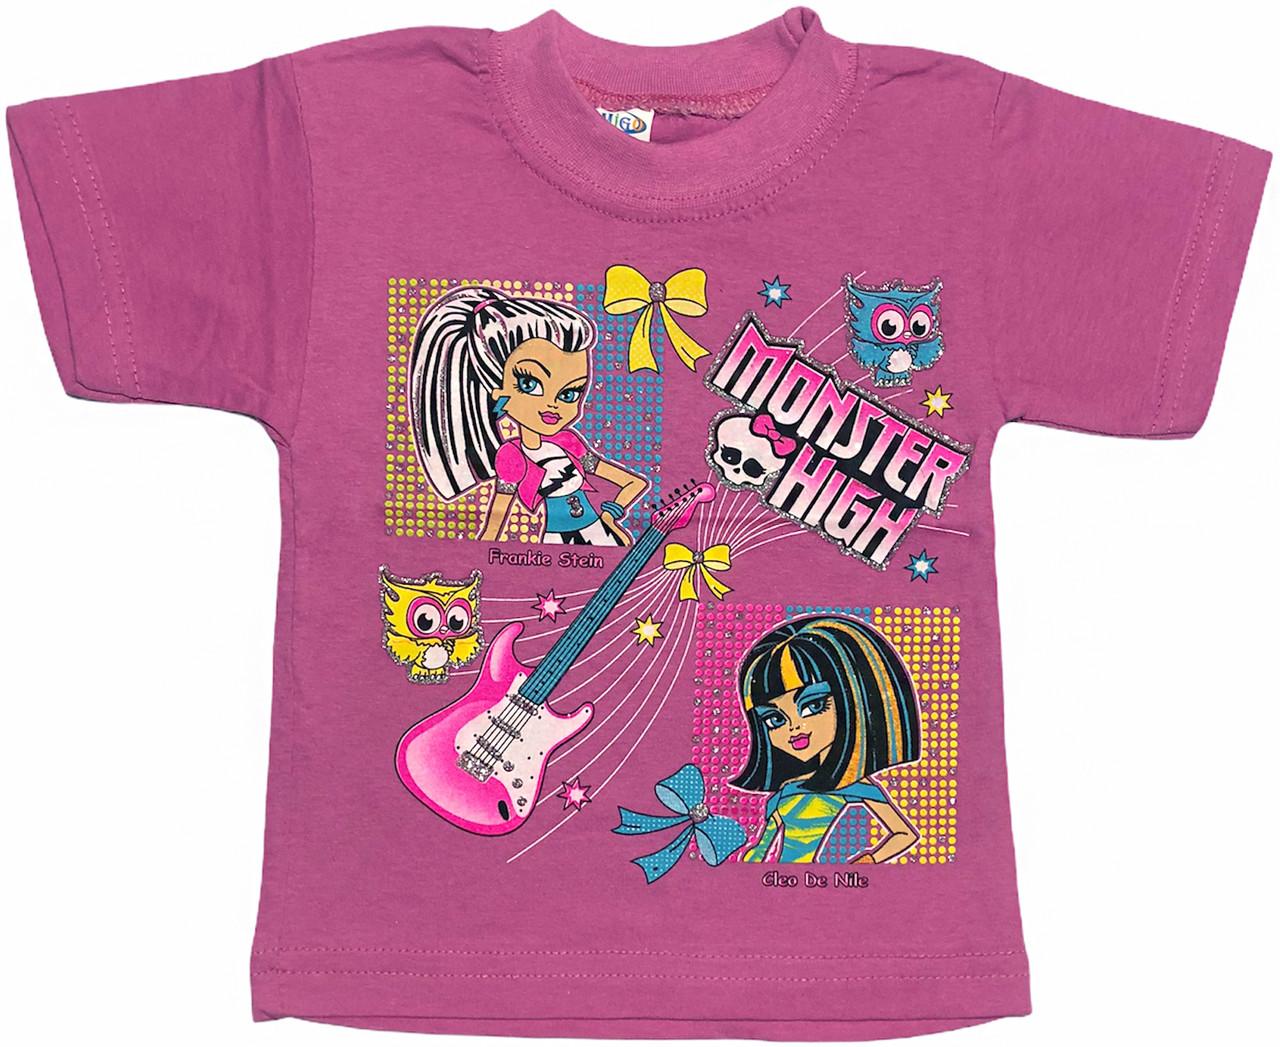 Дитяча футболка на дівчинку ріст 86 1-1,5 року для новонароджених малюків з принтом яскрава трикотажна бузкова